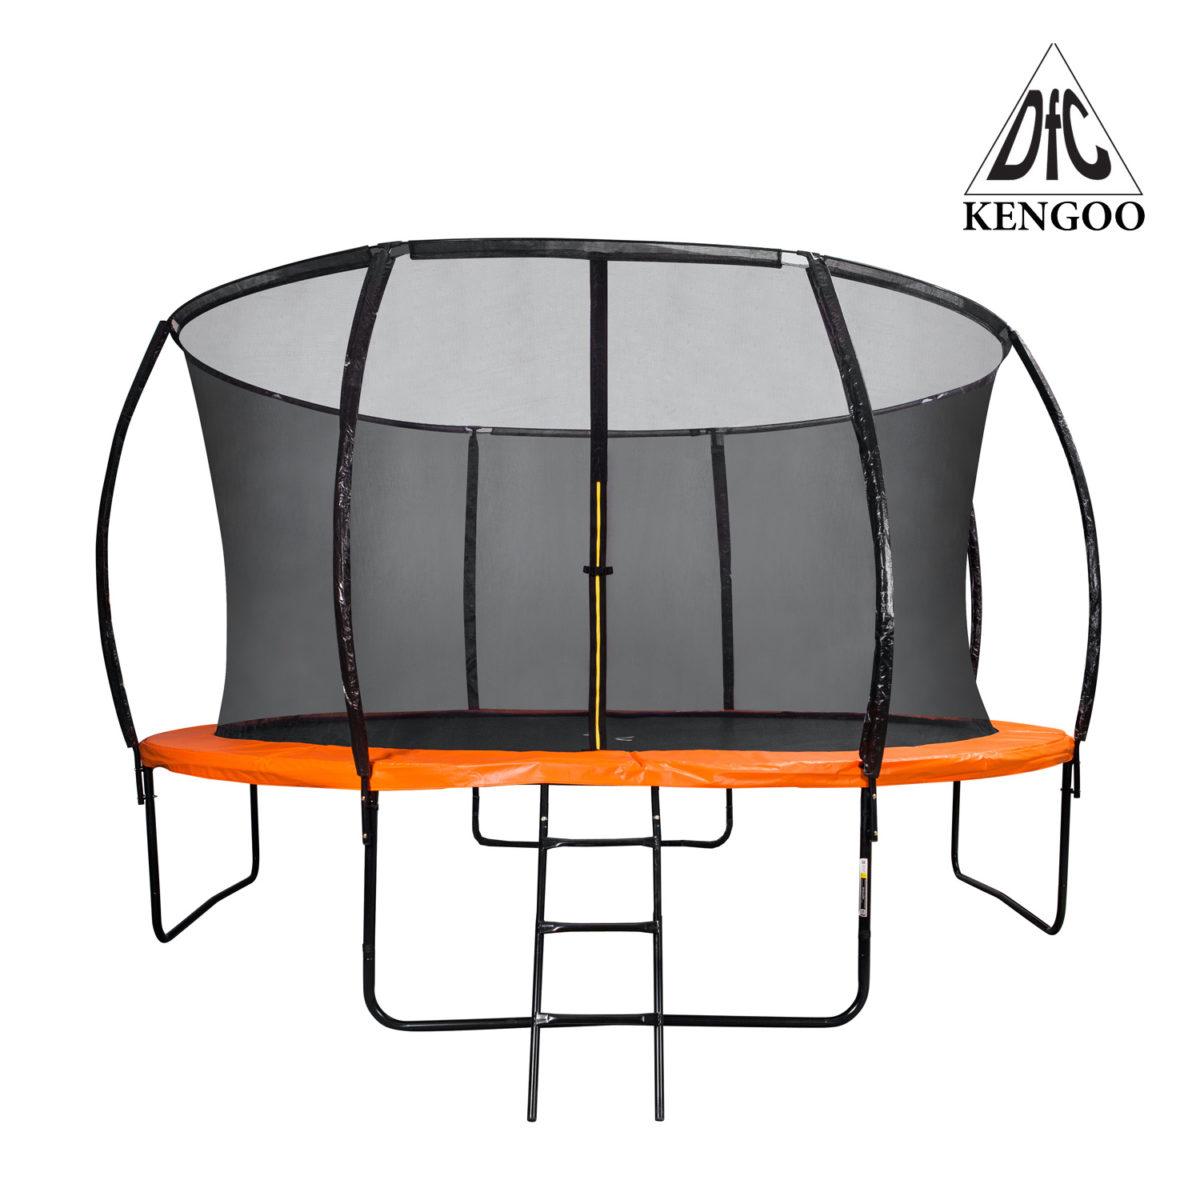 DFC Батут Trampoline Kengoo 12фут. (366см) с защитной сеткой, с лестницей - 1